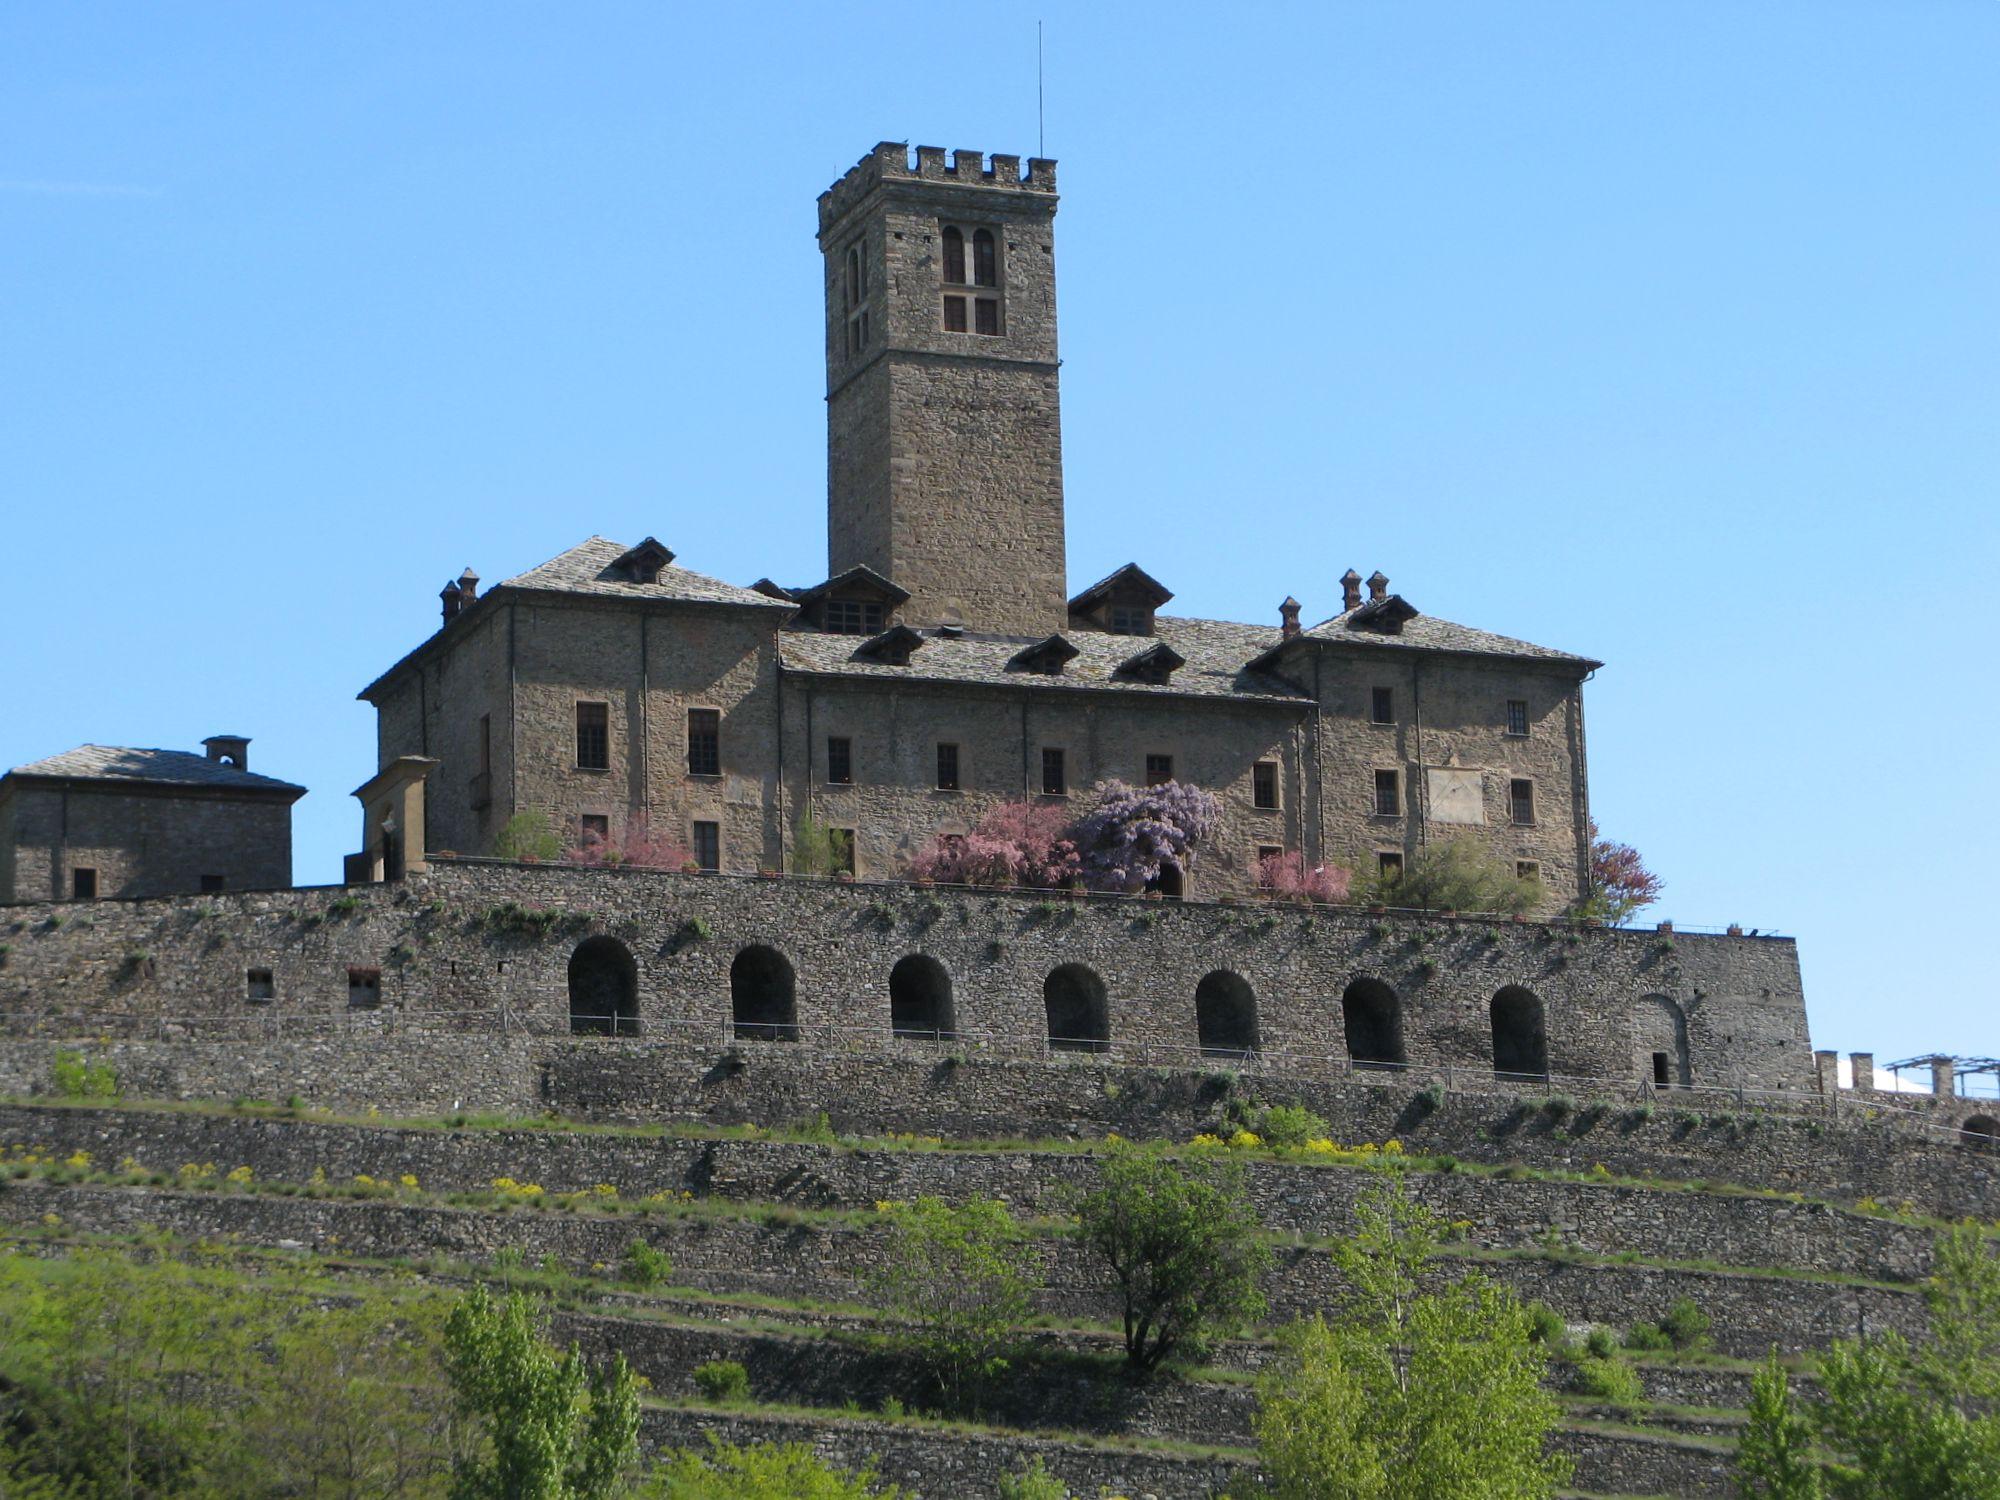 File:Il castello di Sarre.jpg - Wikimedia Commons